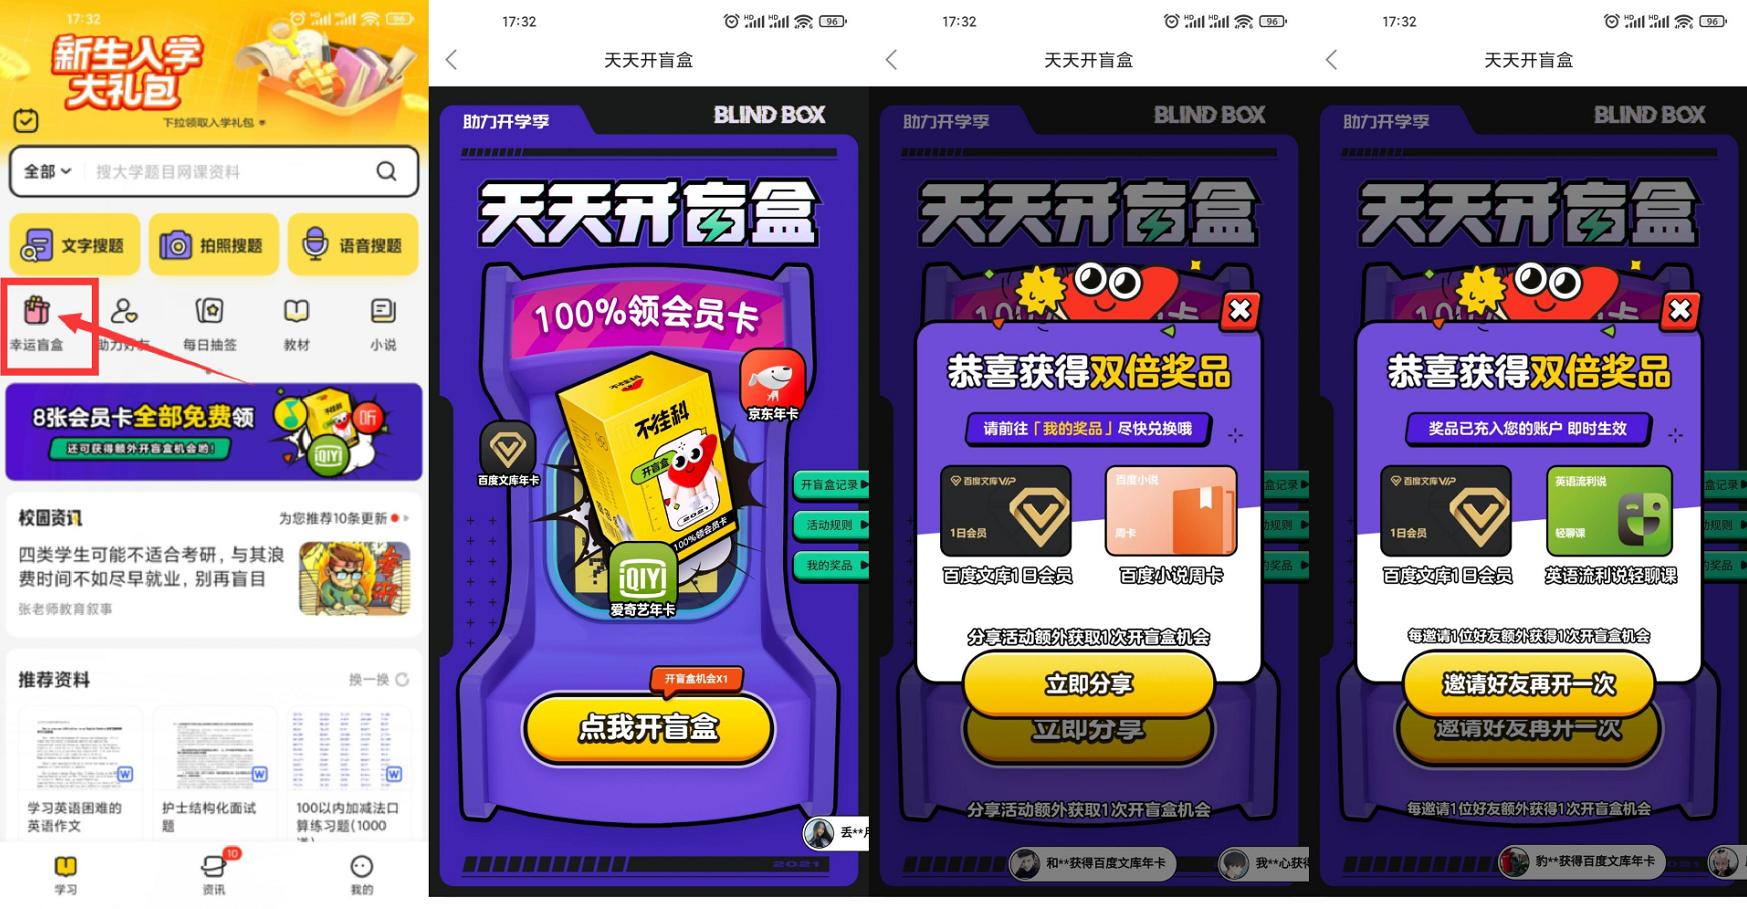 """【不挂科抽爱奇艺QQ音乐会员】应用商店下载""""不挂科"""""""